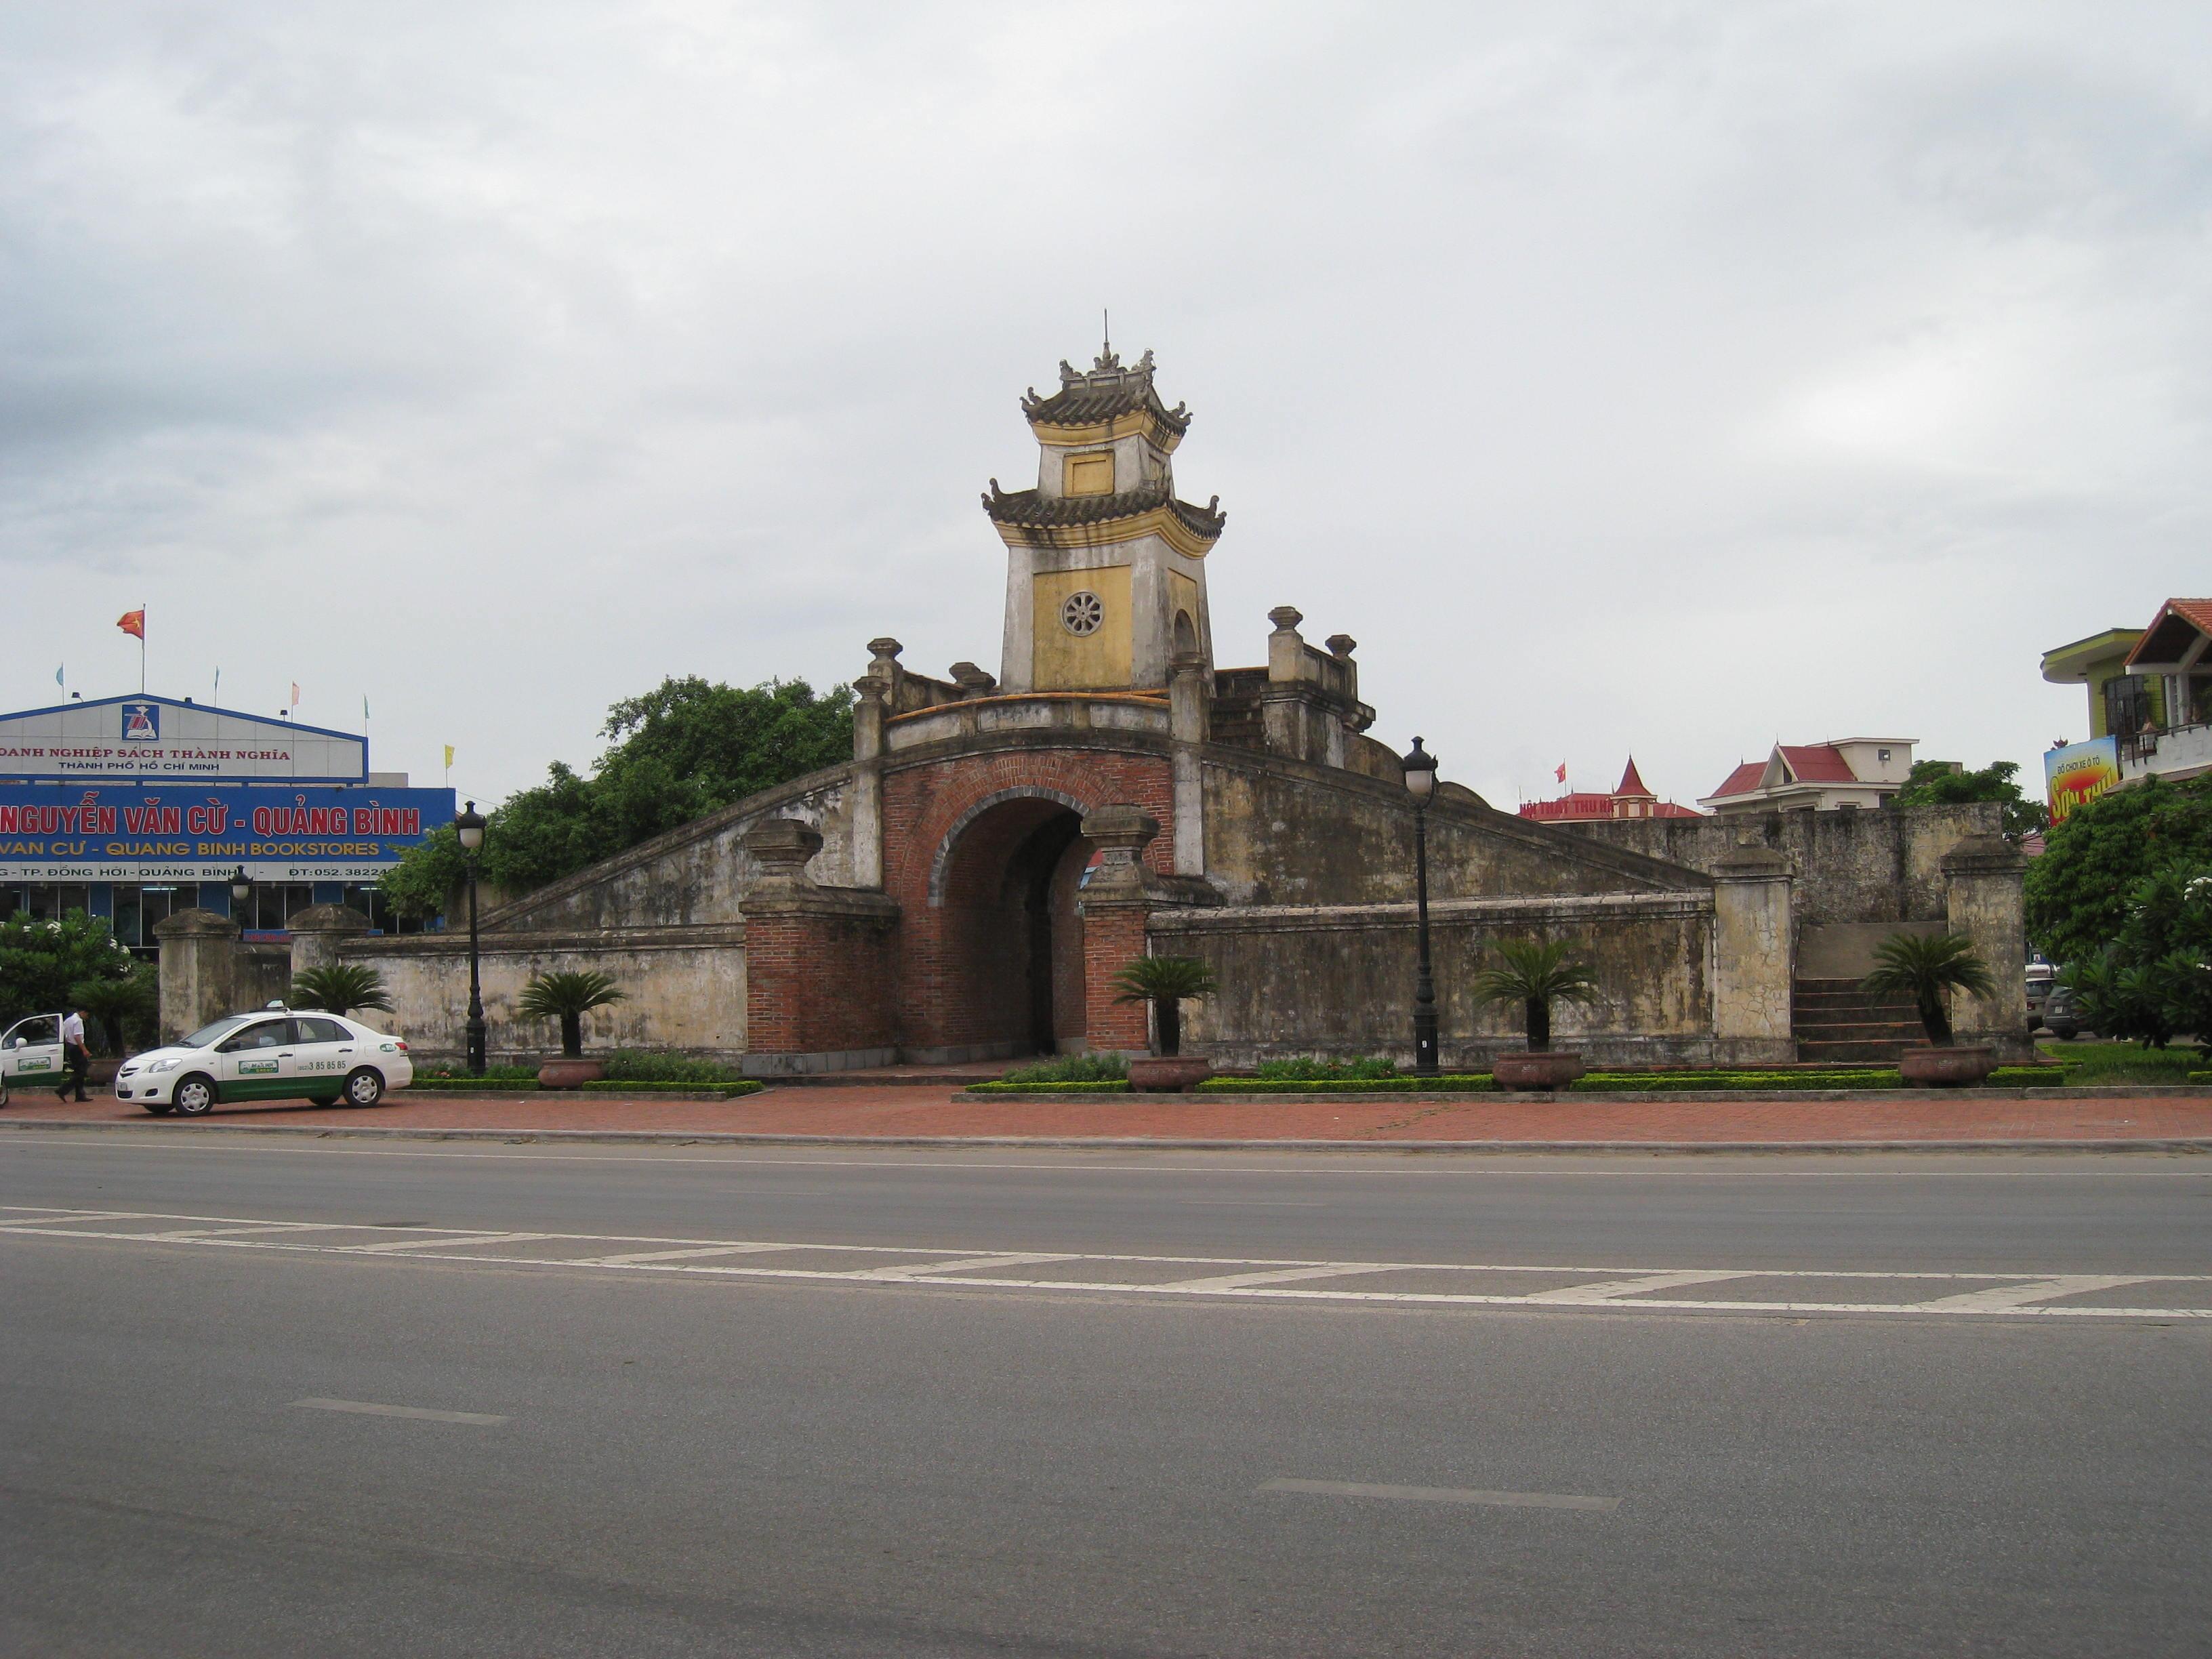 Bán nhớt Liqui Moly chính hãng tại Quảng Bình